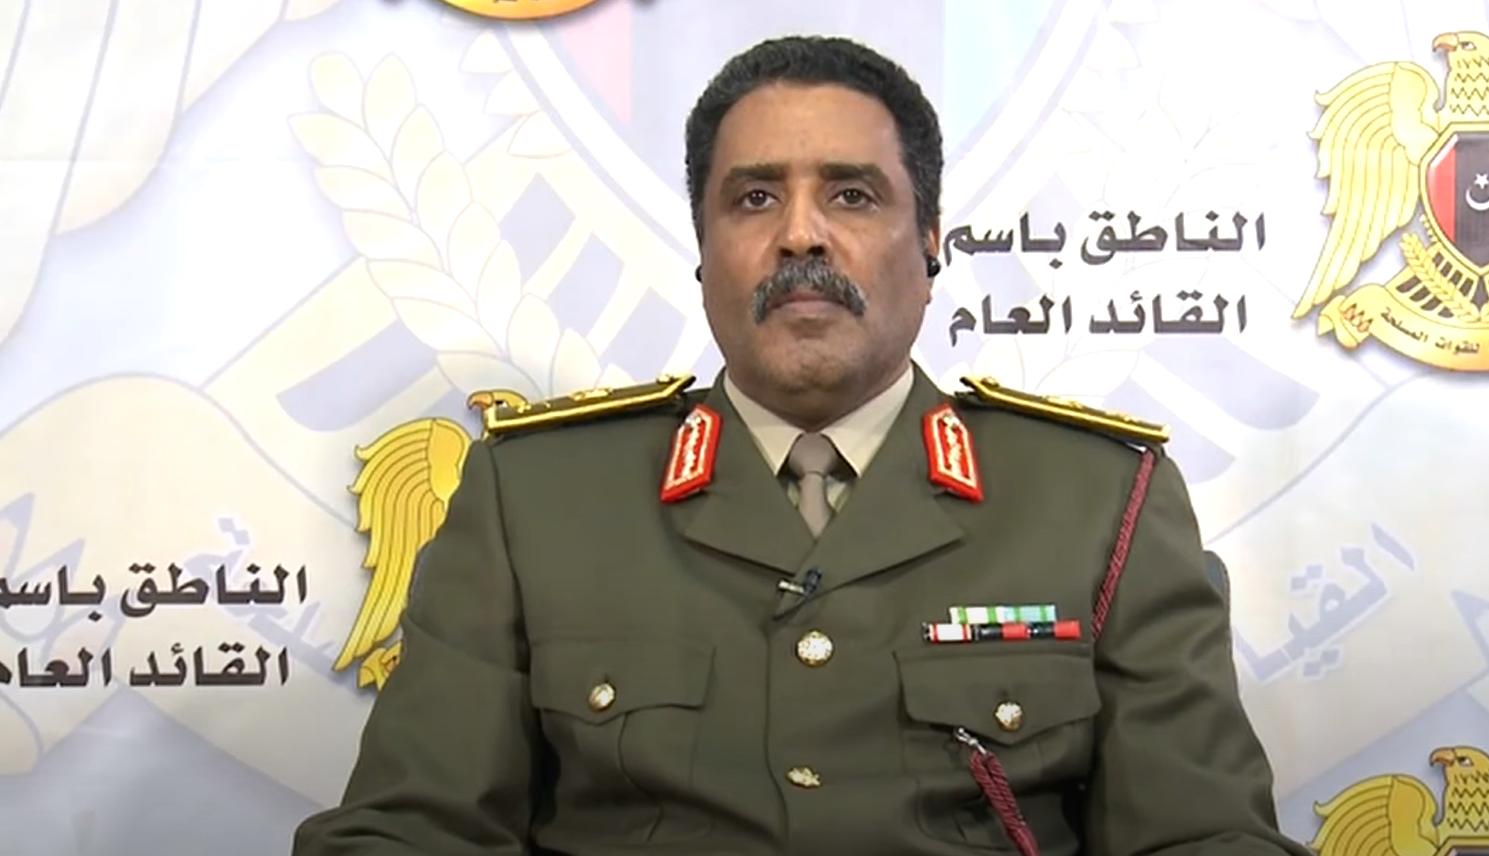 العميد أحمد المسماري الناطق باسم الجيش الوطني الليبي